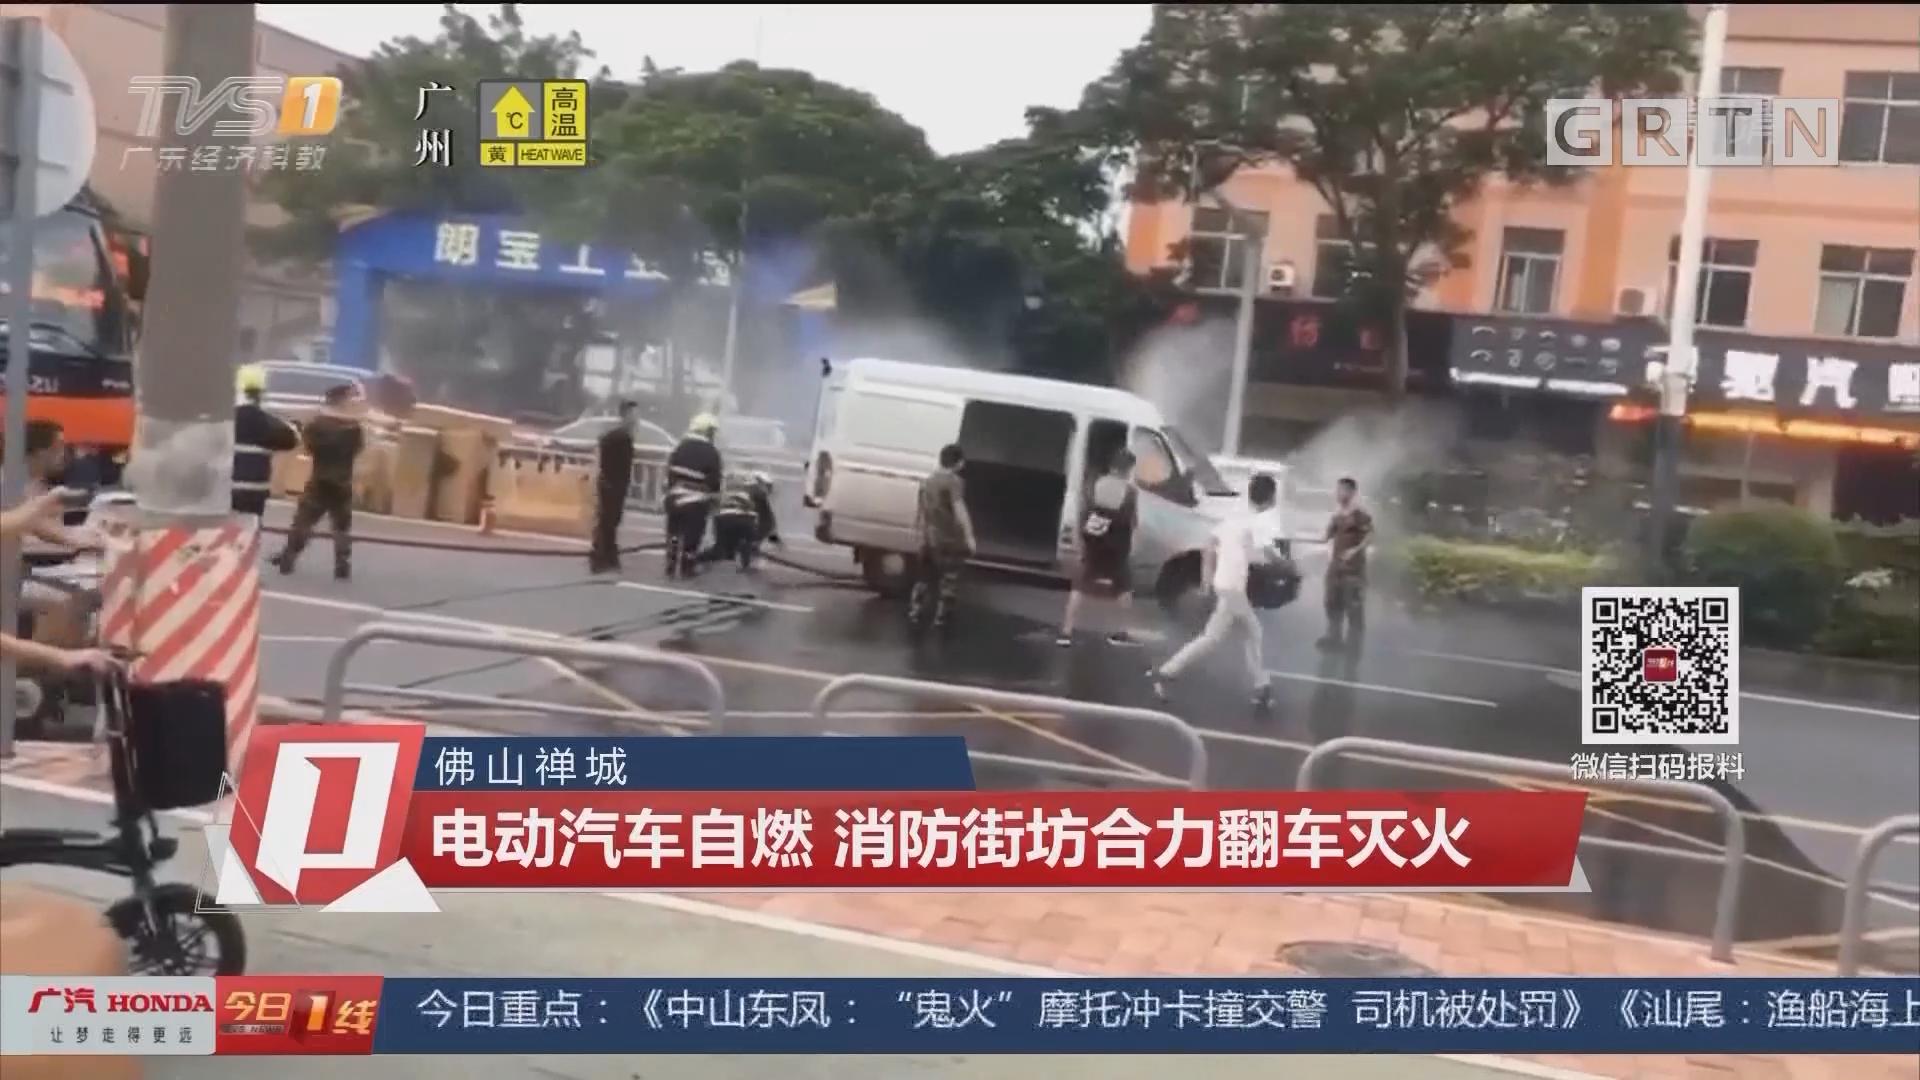 佛山禅城 电动汽车自燃 消防街坊合力翻车灭火